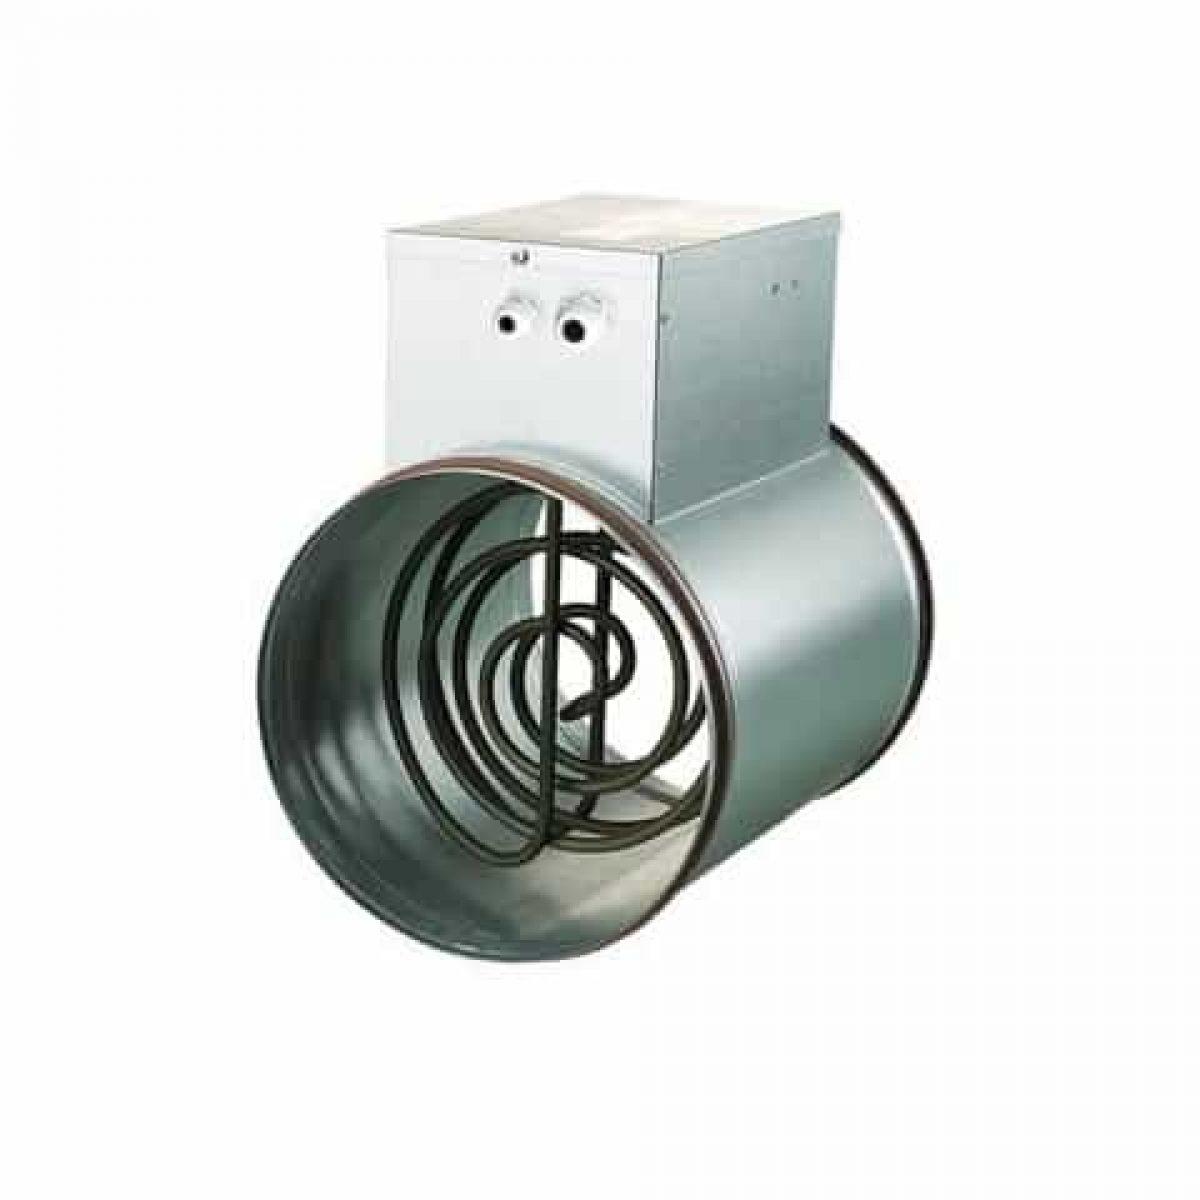 VALVOLA NON RITORNO ARIA 125mm VENTS growroom aspirazione tubi ventilazione g